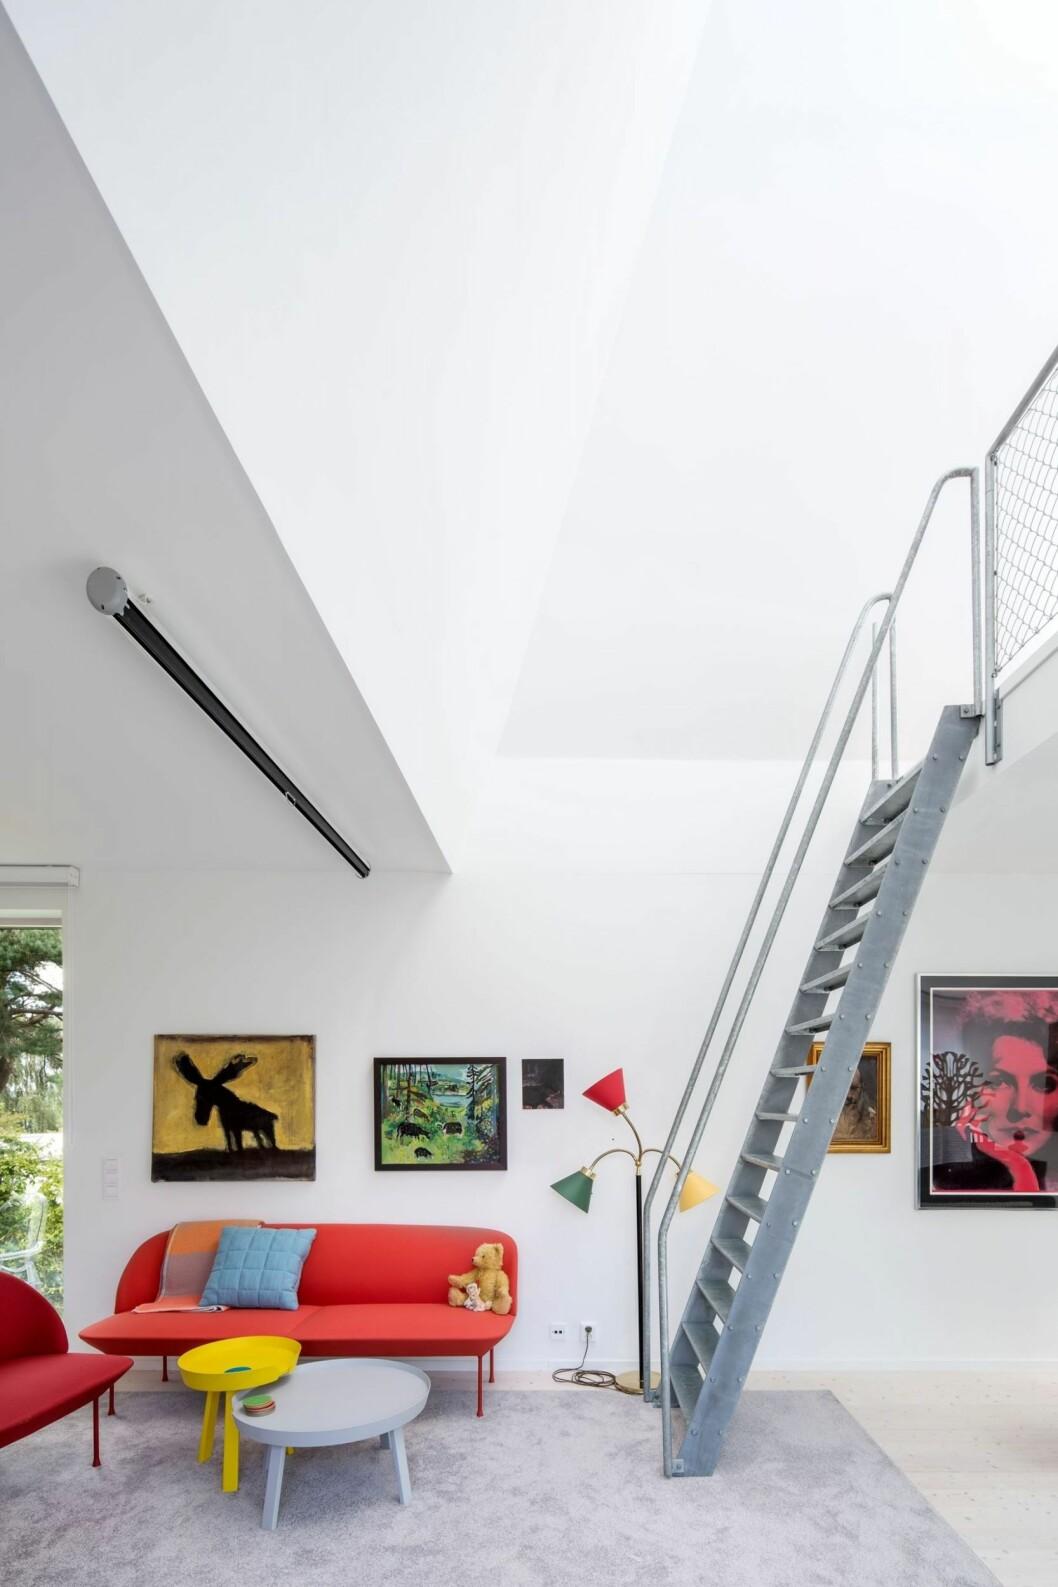 Vitt rum med röd soffa och färgglada tavlor.